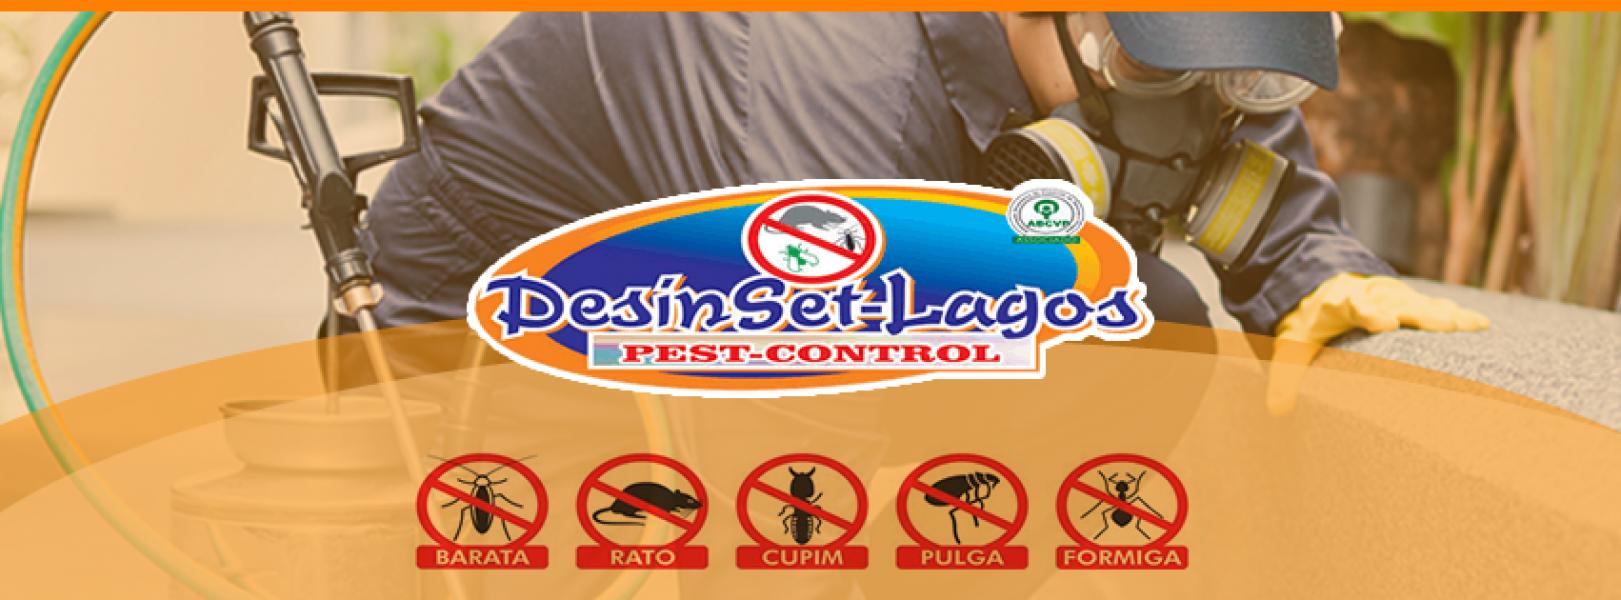 Desinset Lagos